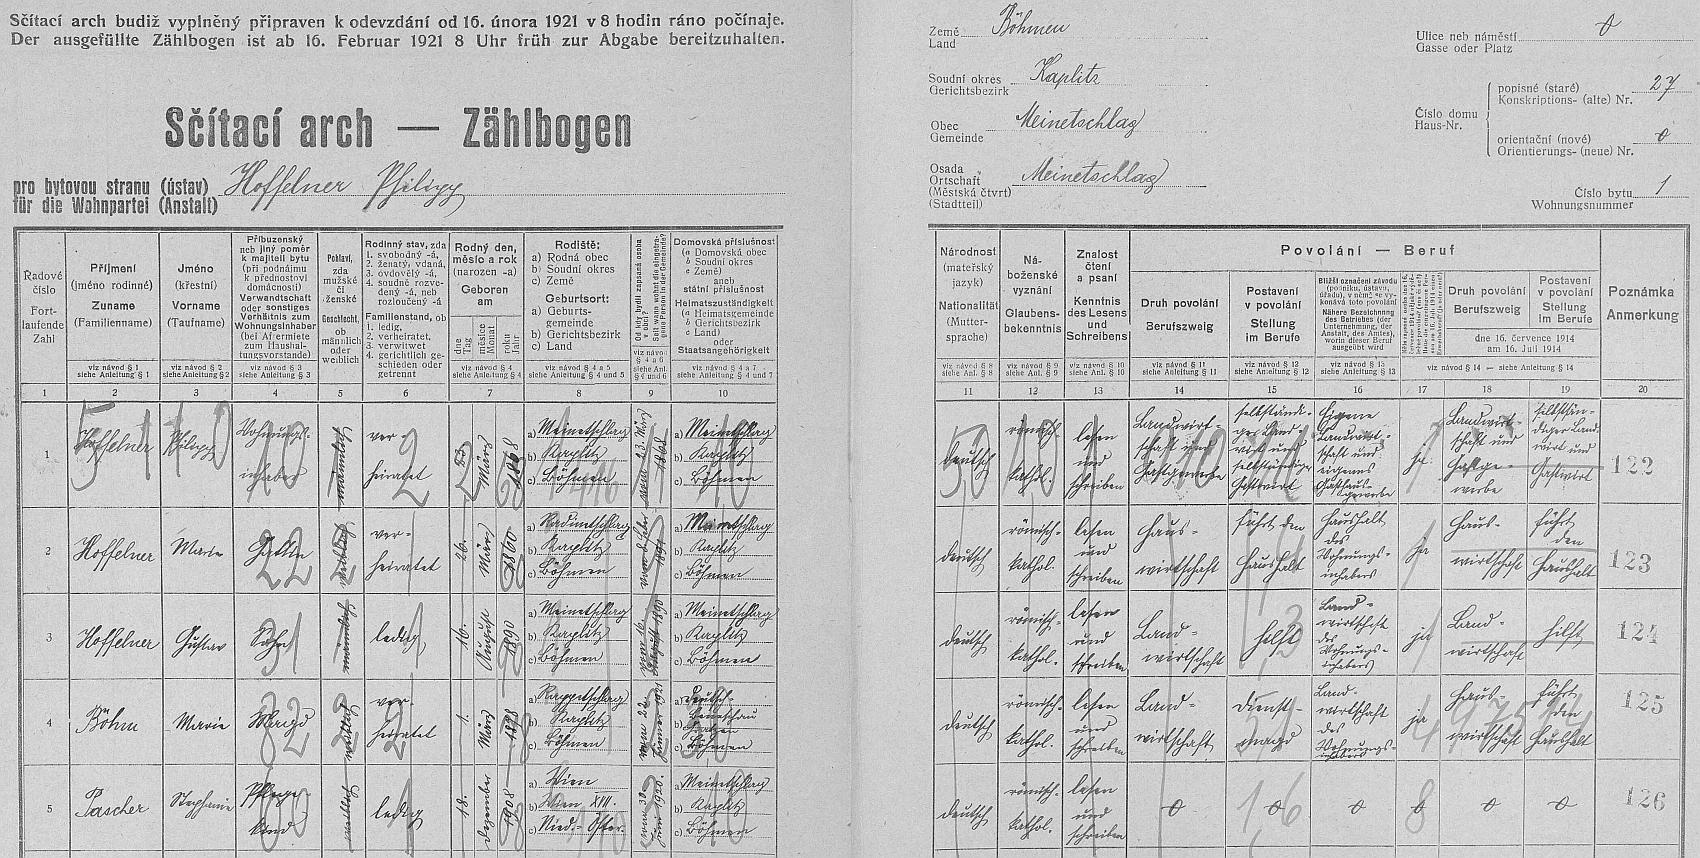 Arch sčítání lidu z roku 1921 dům čp. 27 v Malontech (Pauliho hostinec) ještě bez něj